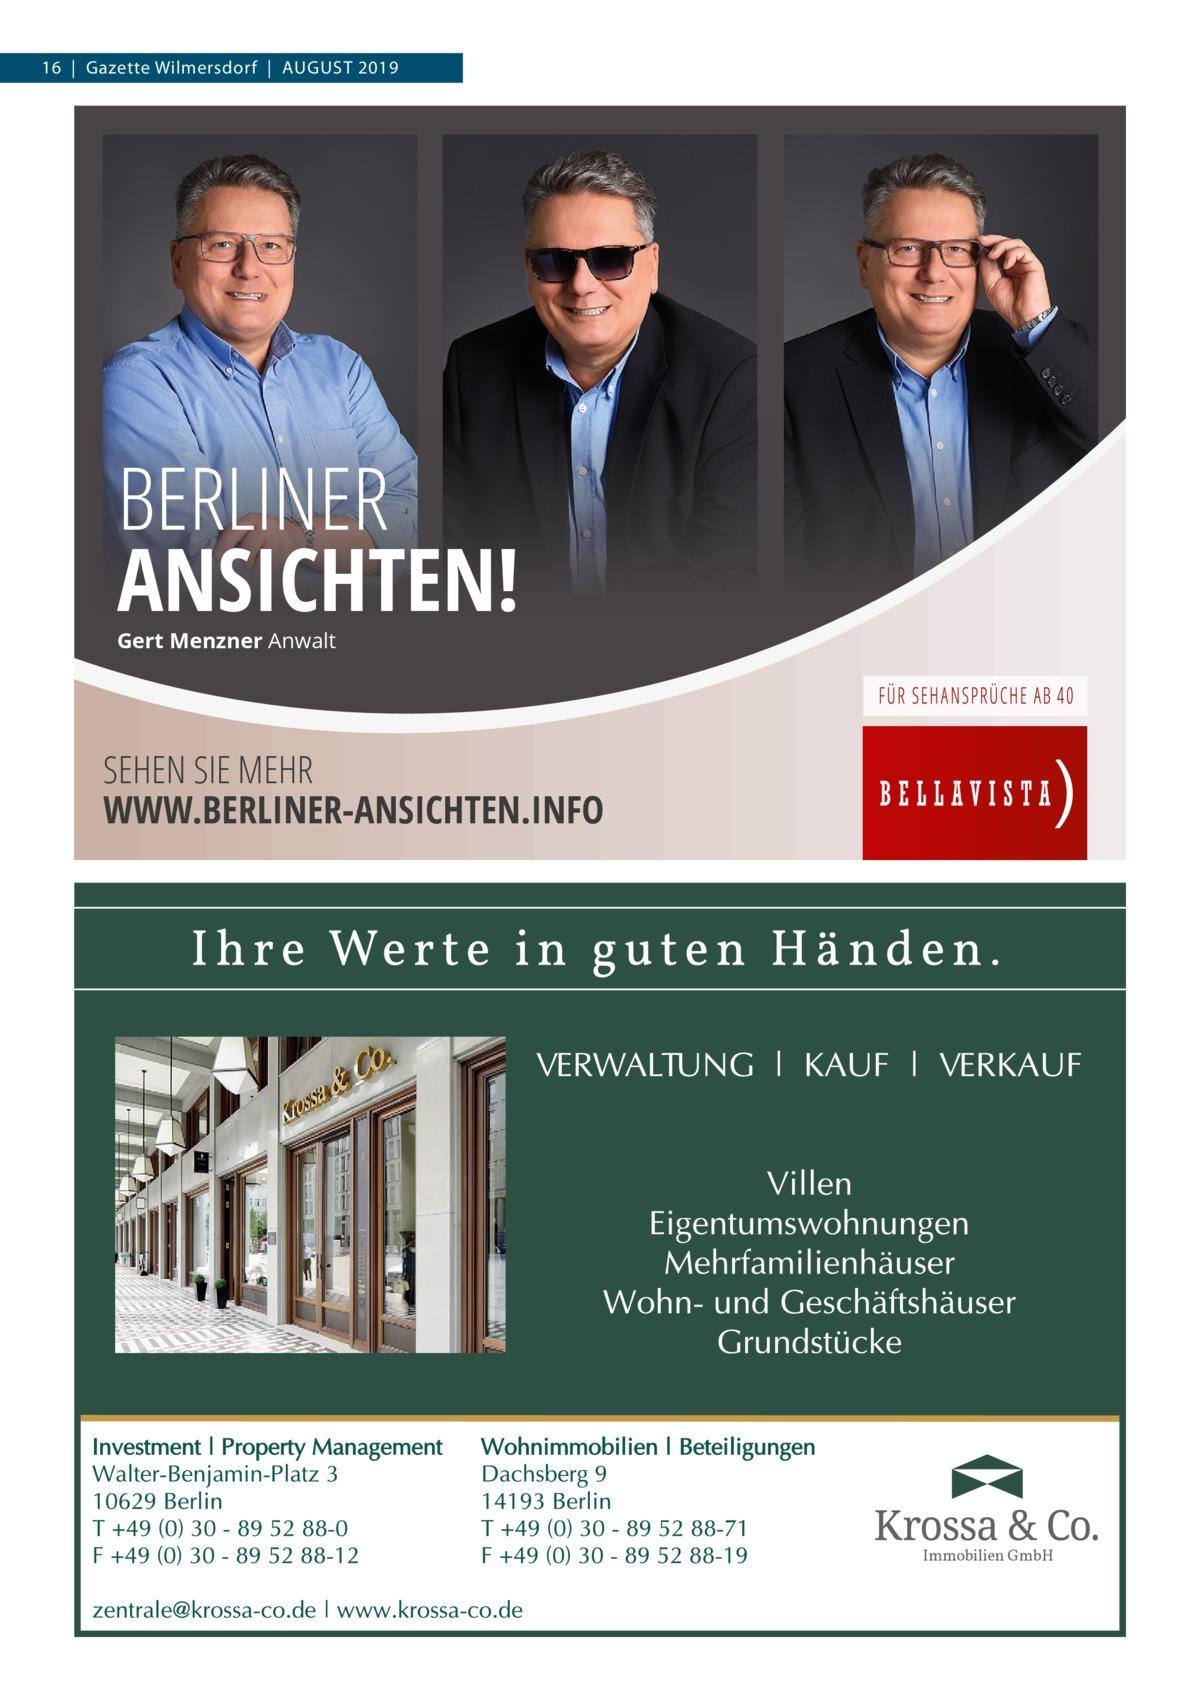 16|Gazette Wilmersdorf|AUGUST 2019  BERLINER ANSICHTEN! Gert Menzner Anwalt  SEHEN SIE MEHR WWW.BERLINER-ANSICHTEN.INFO  Immobilien GmbH